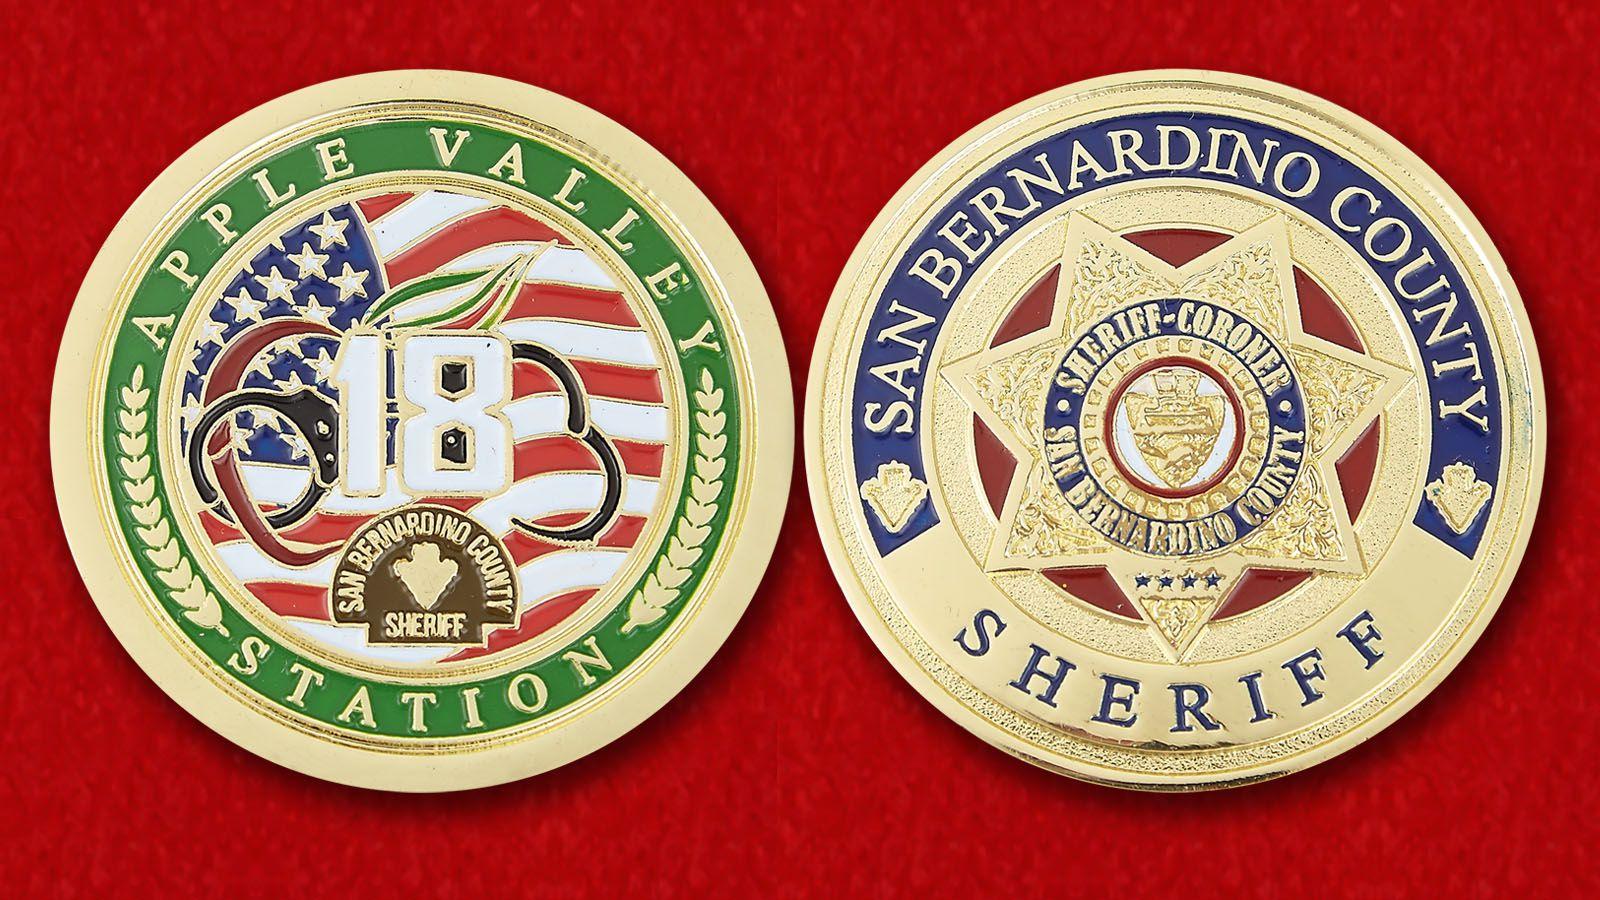 Челлендж коин Шерифа округа Сан-Бернандино - аверс и реверс